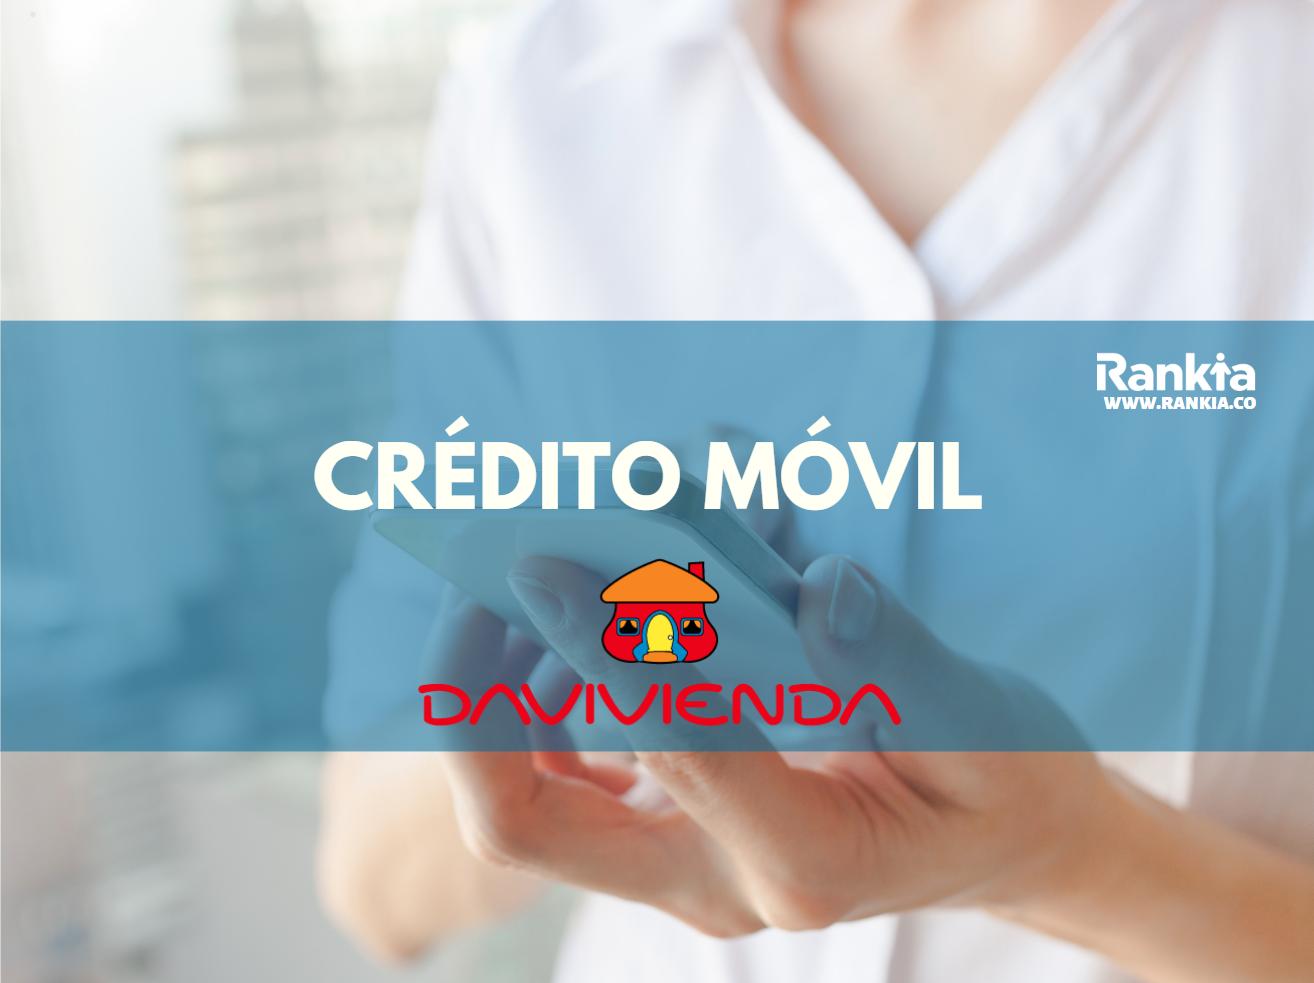 Crédito Móvil Davivienda: qué es, cómo solicitar y requisitos